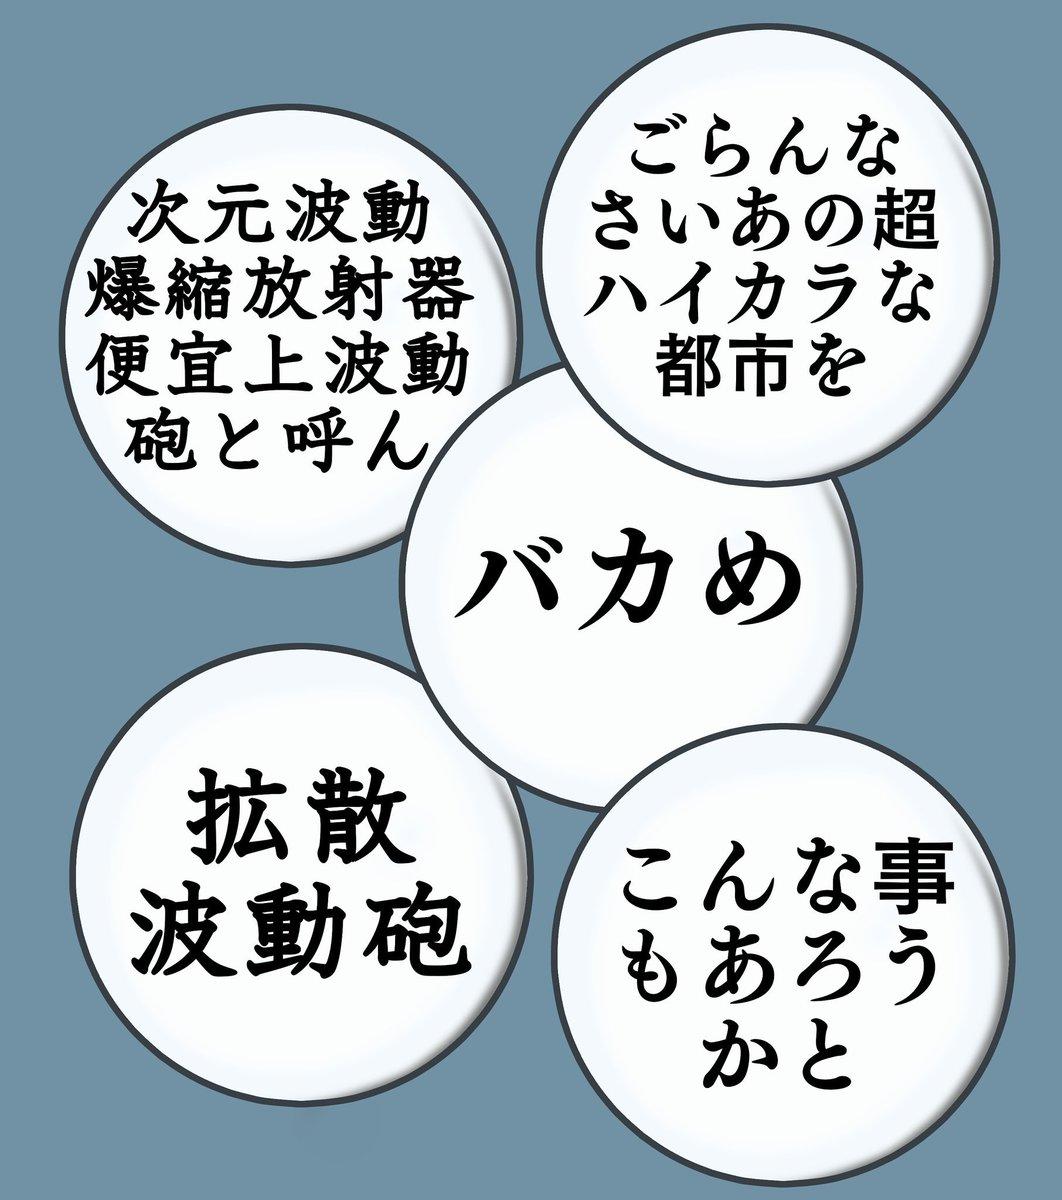 2202缶バッジ登場ときいて、こういうのも欲しいんですよ 自分でつくるしかないかな~ #yamato2199 #yama